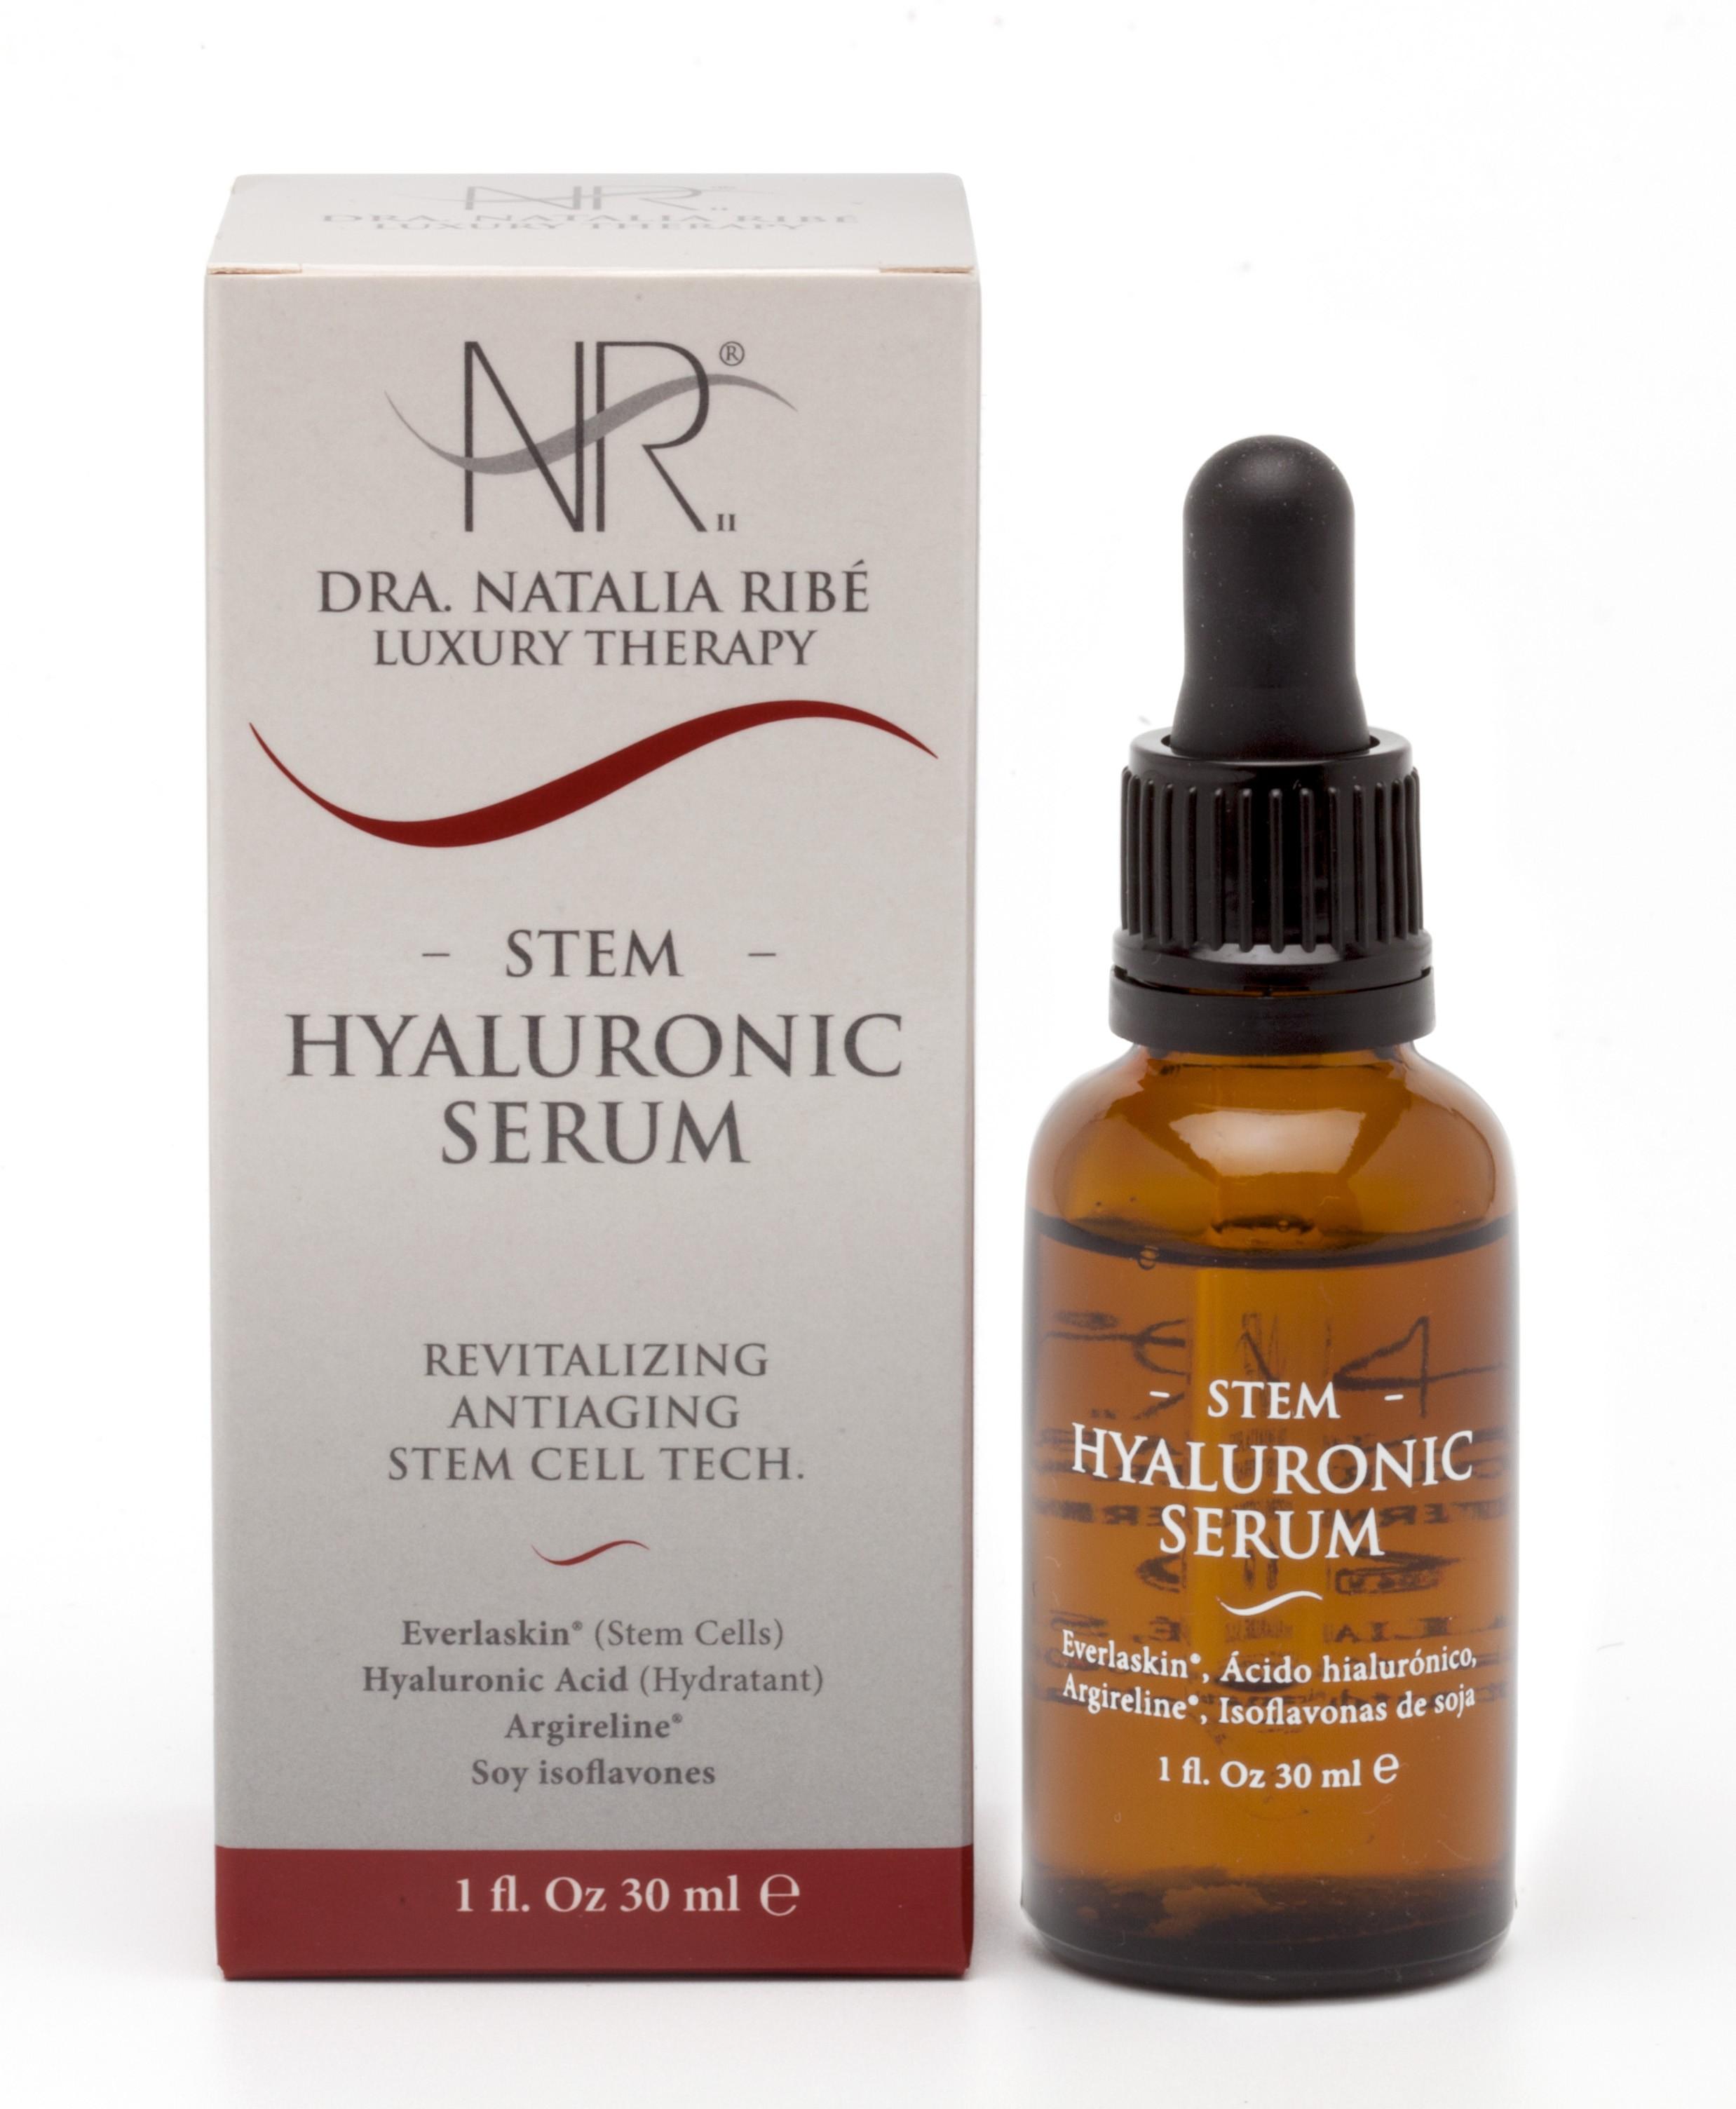 Stem Hyaluronic Serum - DRA. NATALIA RIBE